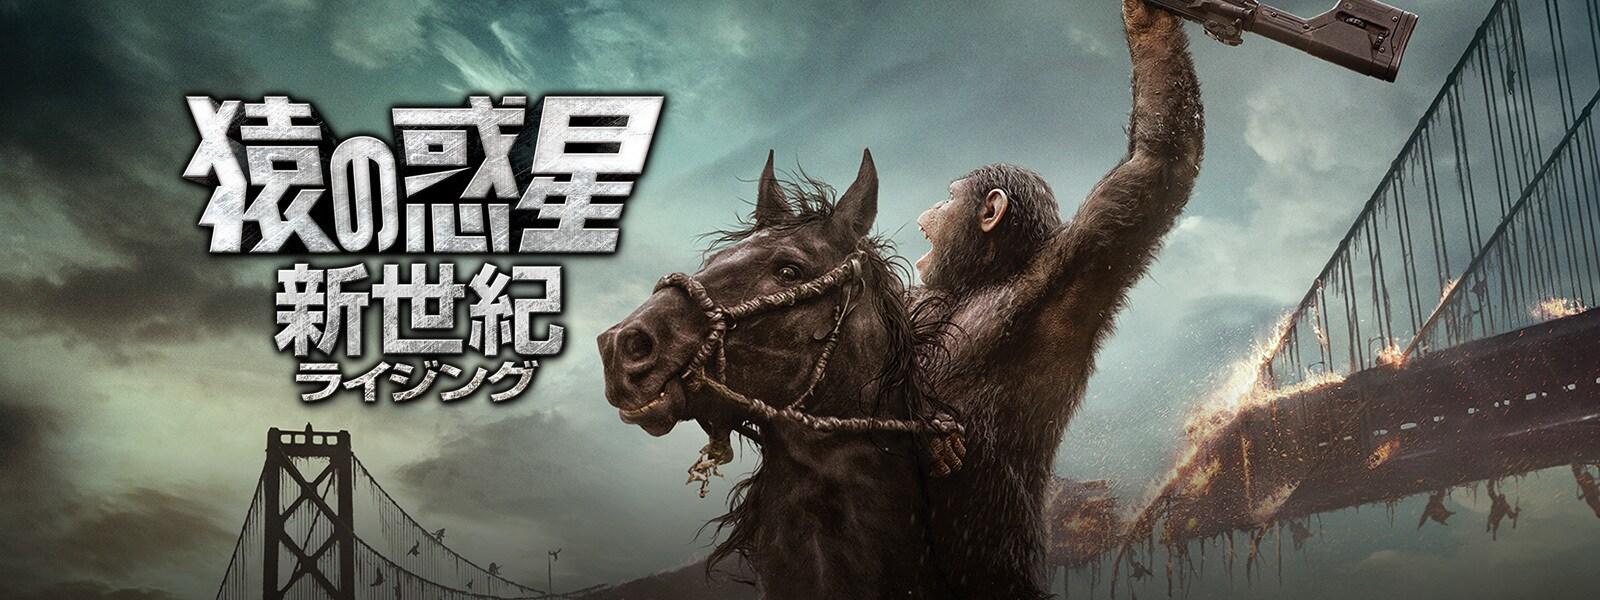 猿の惑星:新世紀(ライジング) Dawn of the Planet of the Apes Hero